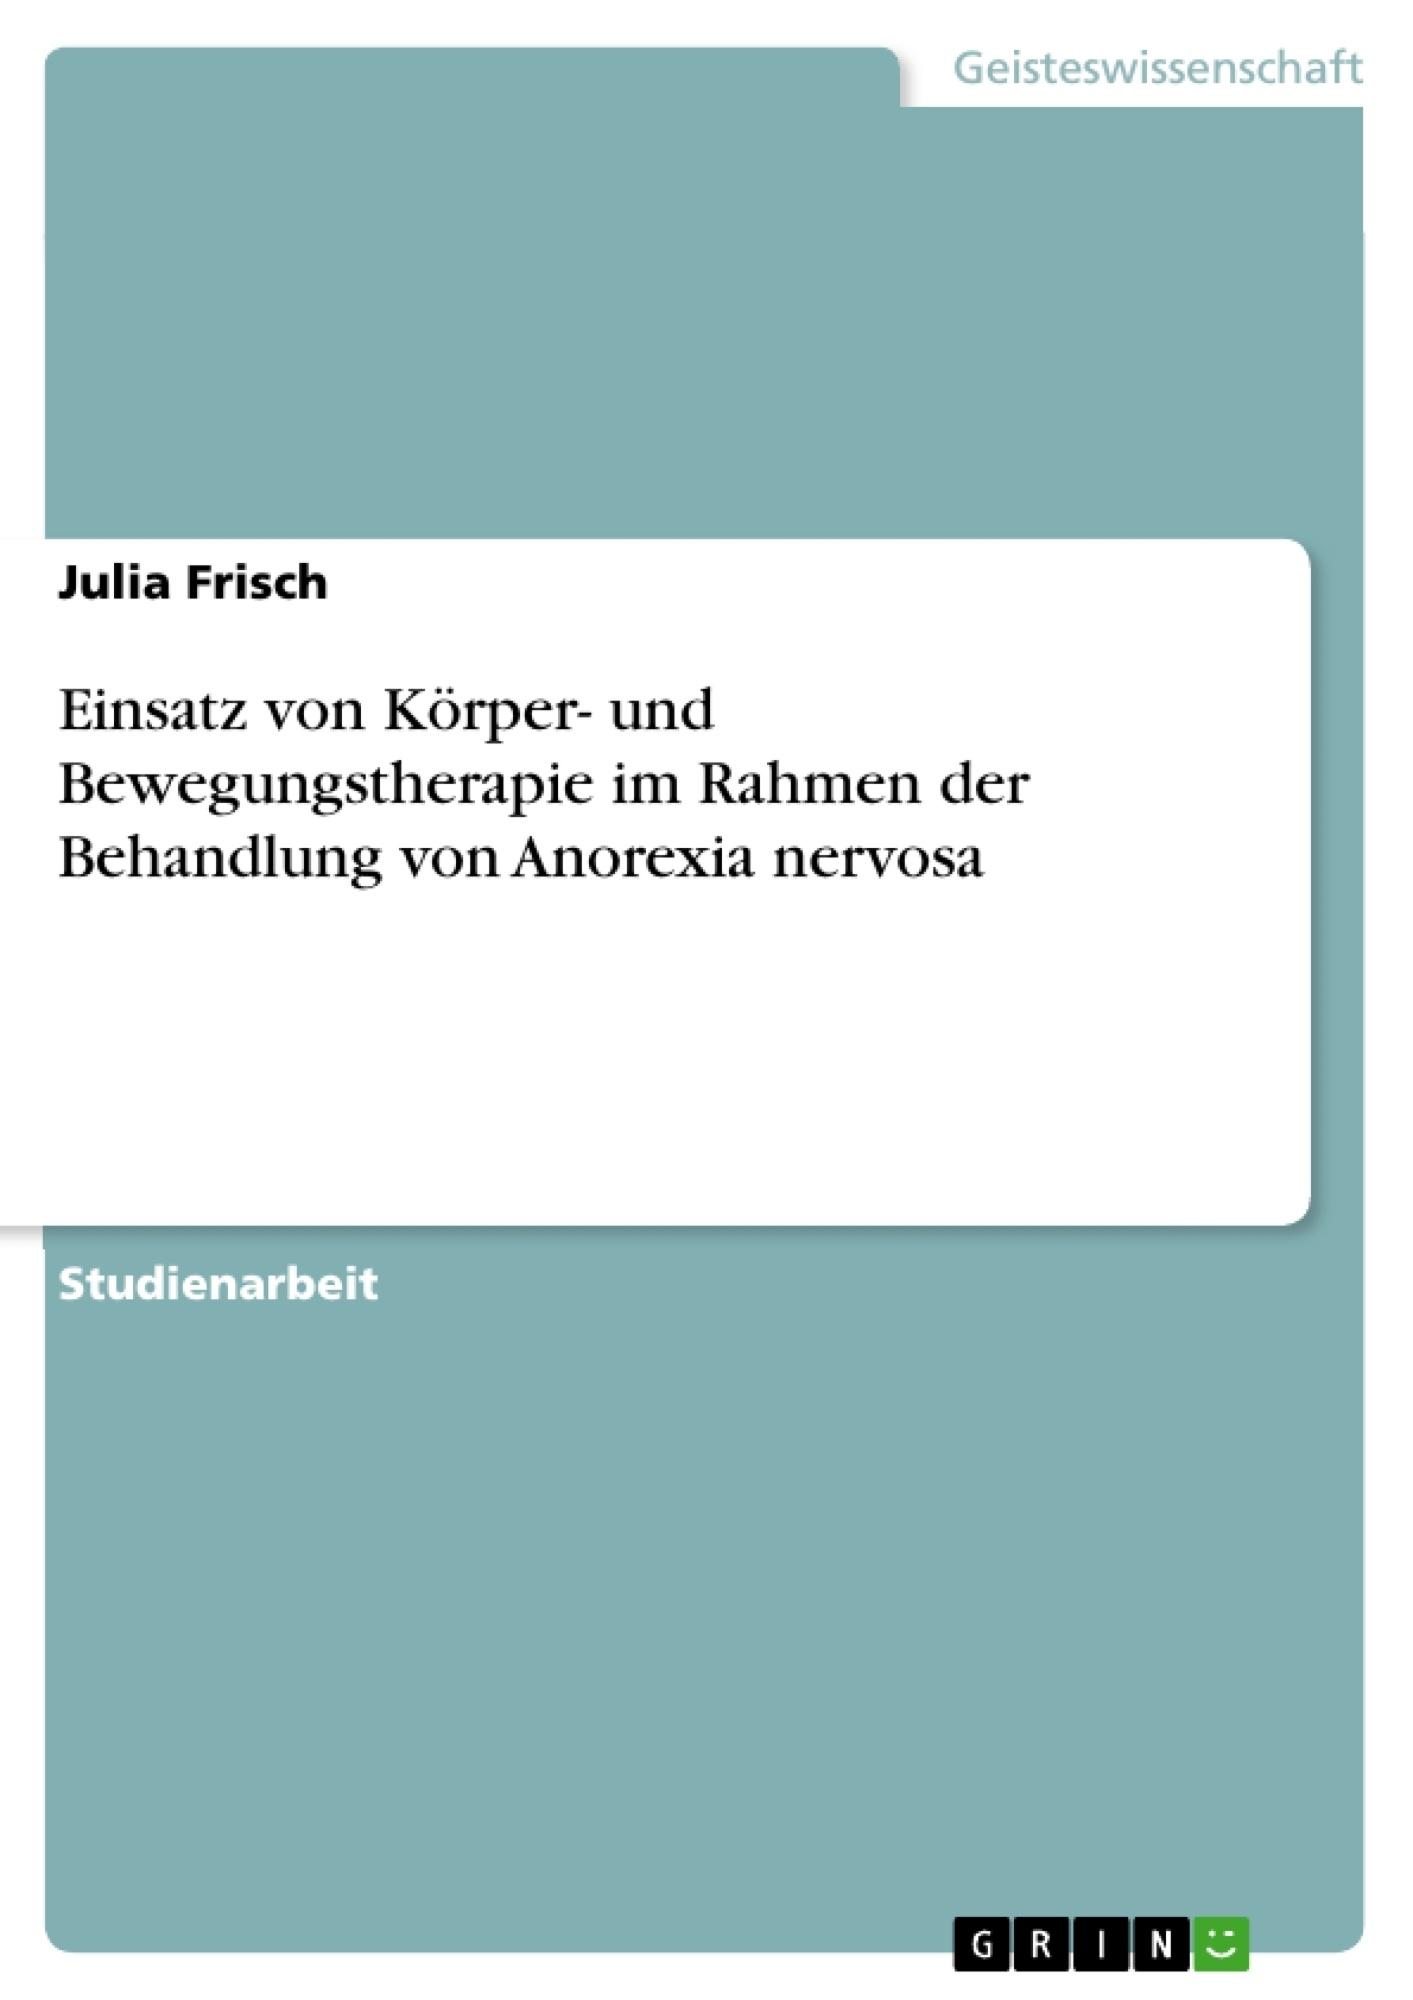 Titel: Einsatz von Körper- und Bewegungstherapie im Rahmen der Behandlung von Anorexia nervosa